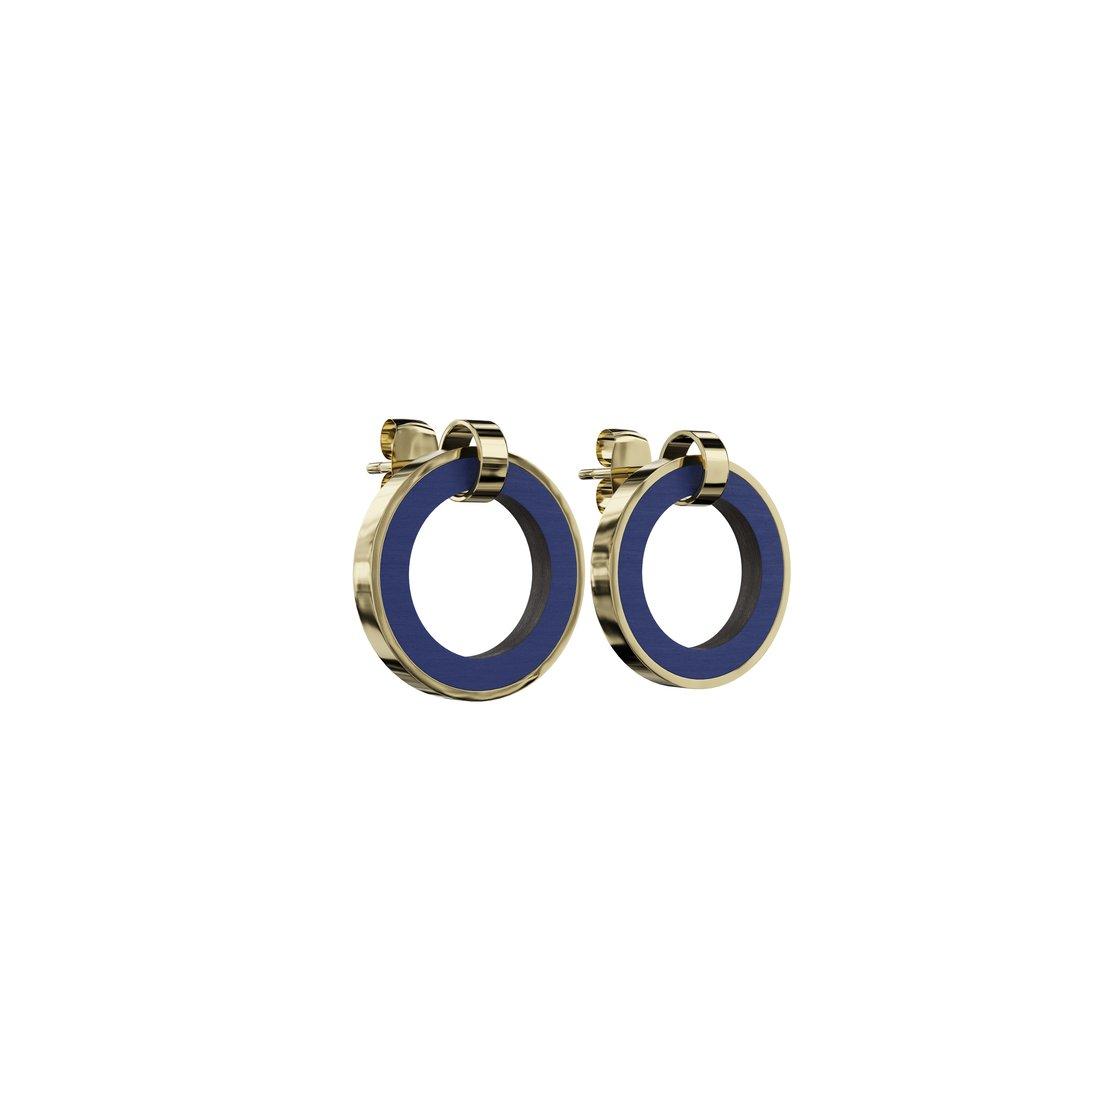 Øreringe udformet som træcirkler i blåt træ og guld